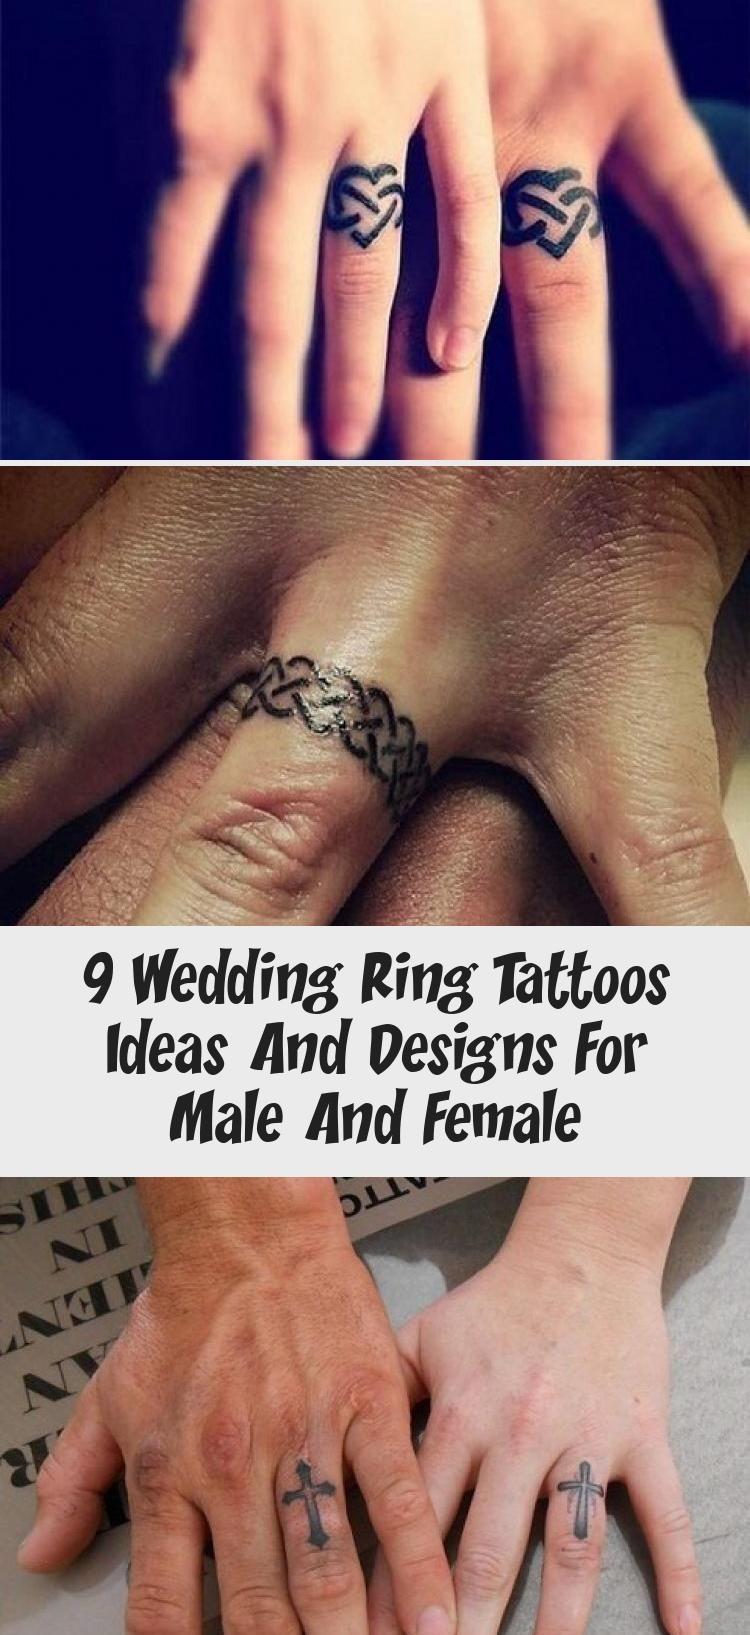 Photo of 9 idées et conceptions de tatouages d'anneau de mariage pour hommes et femmes – Tatouage